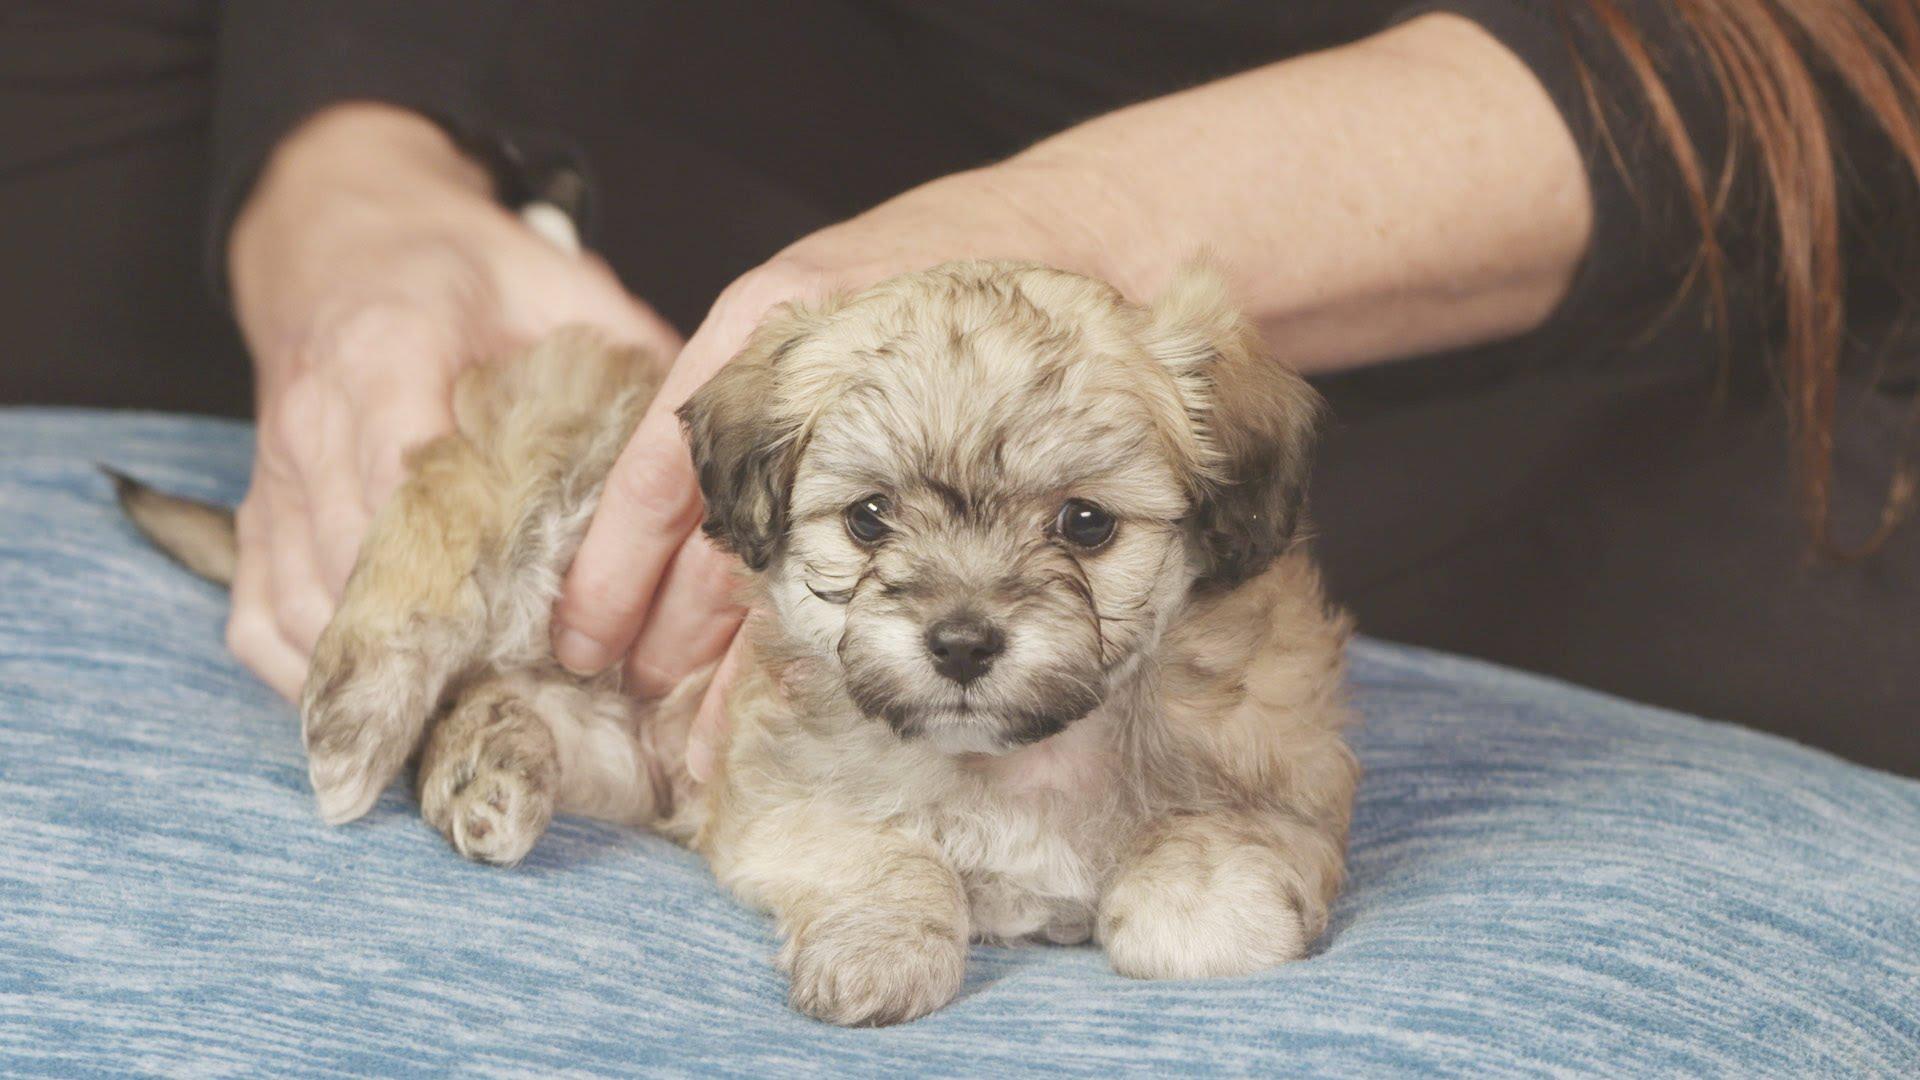 30-Minute Puppy Massage